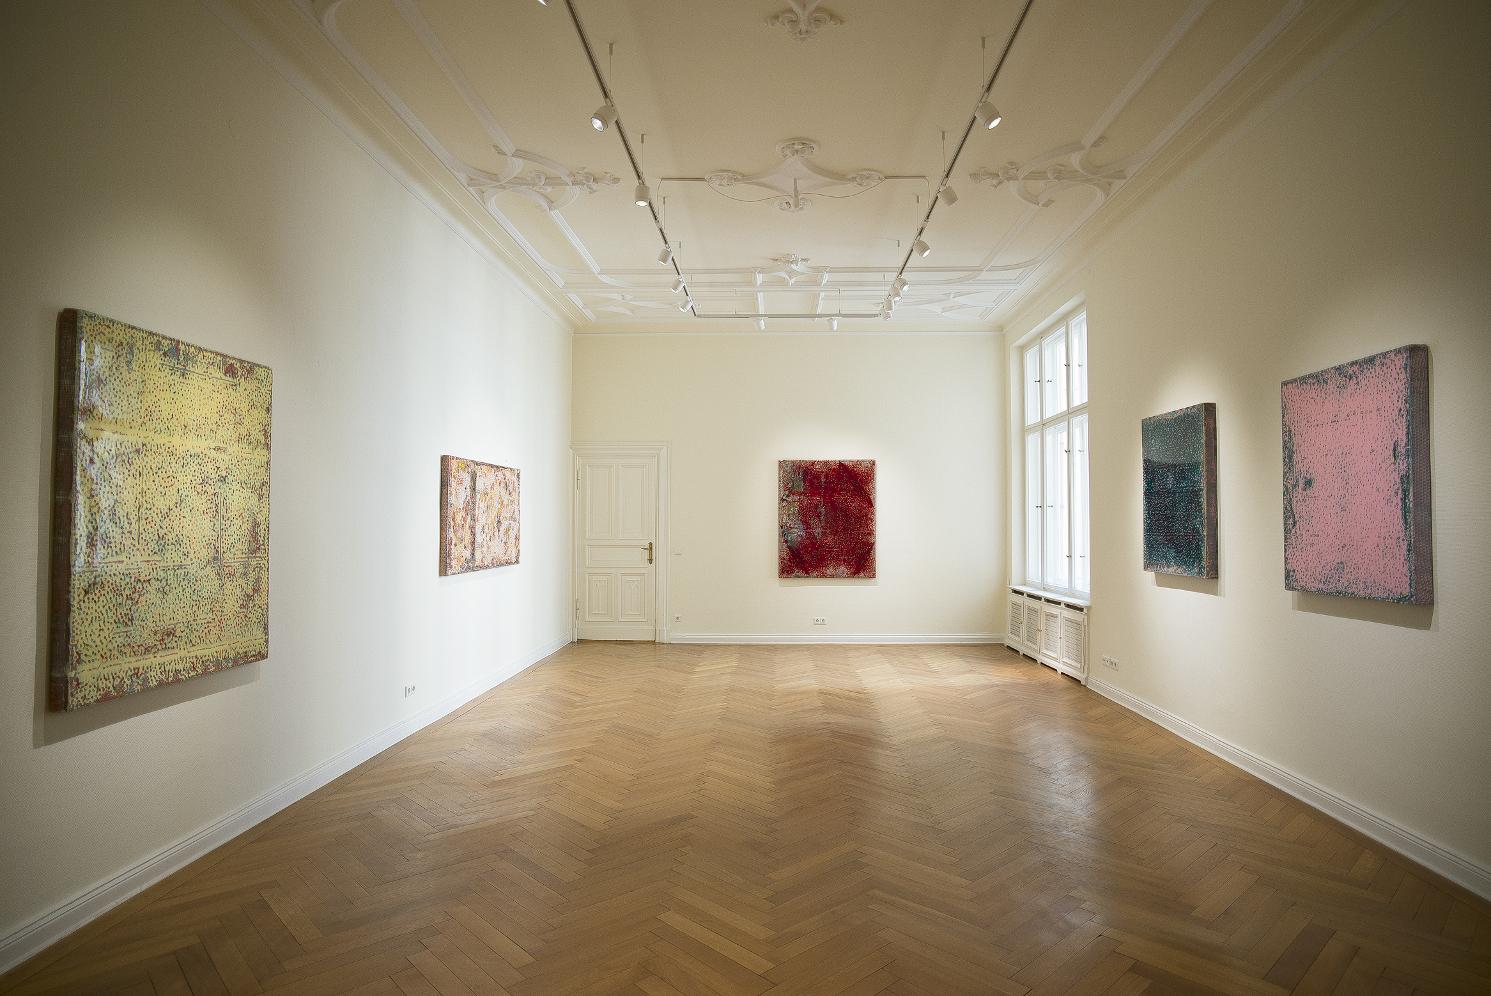 Bermel von Luxburg Gallery